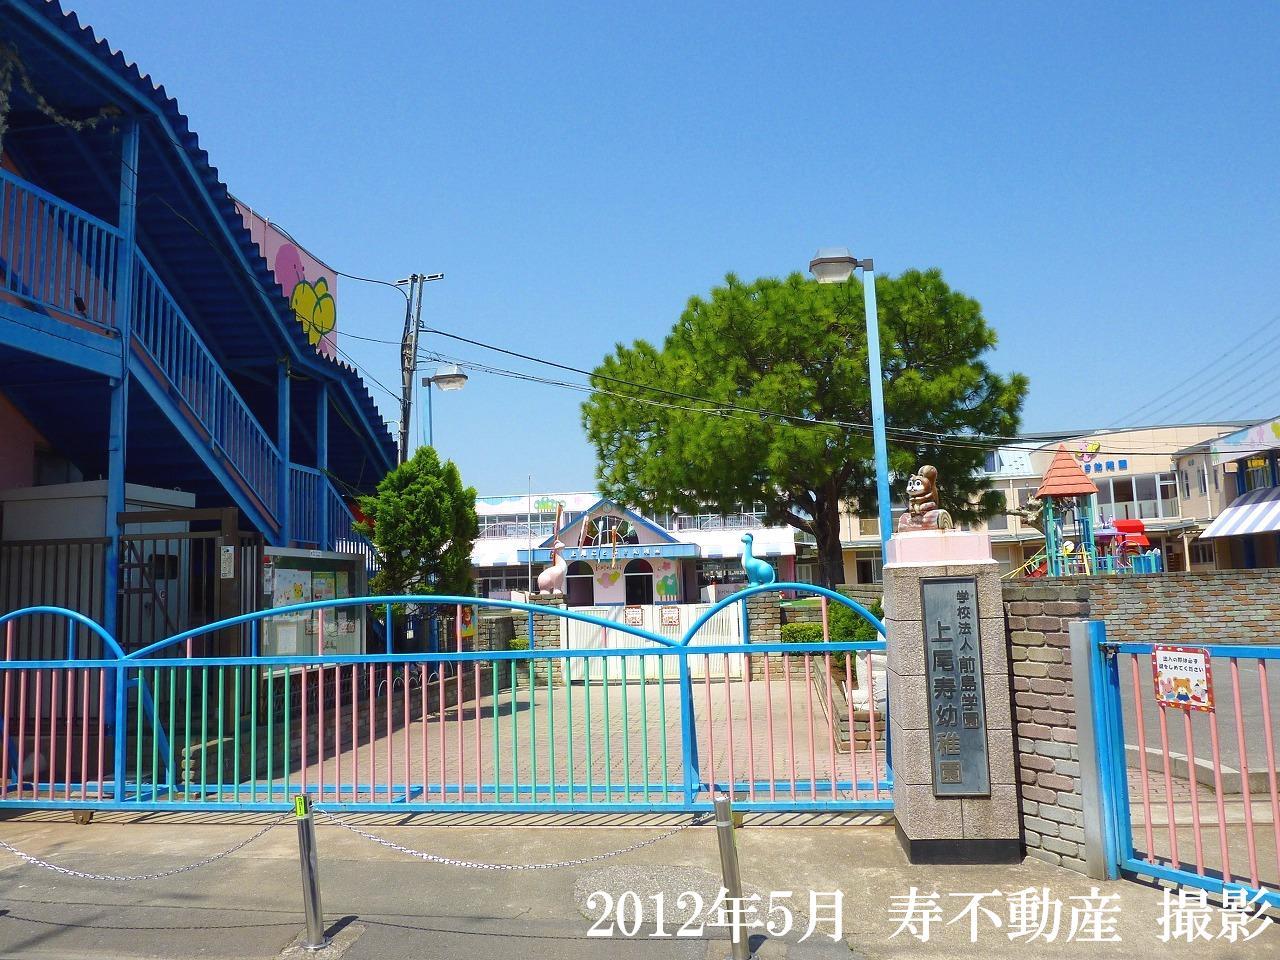 幼稚園・保育園 上尾寿幼稚園(幼稚園・保育園)まで611m